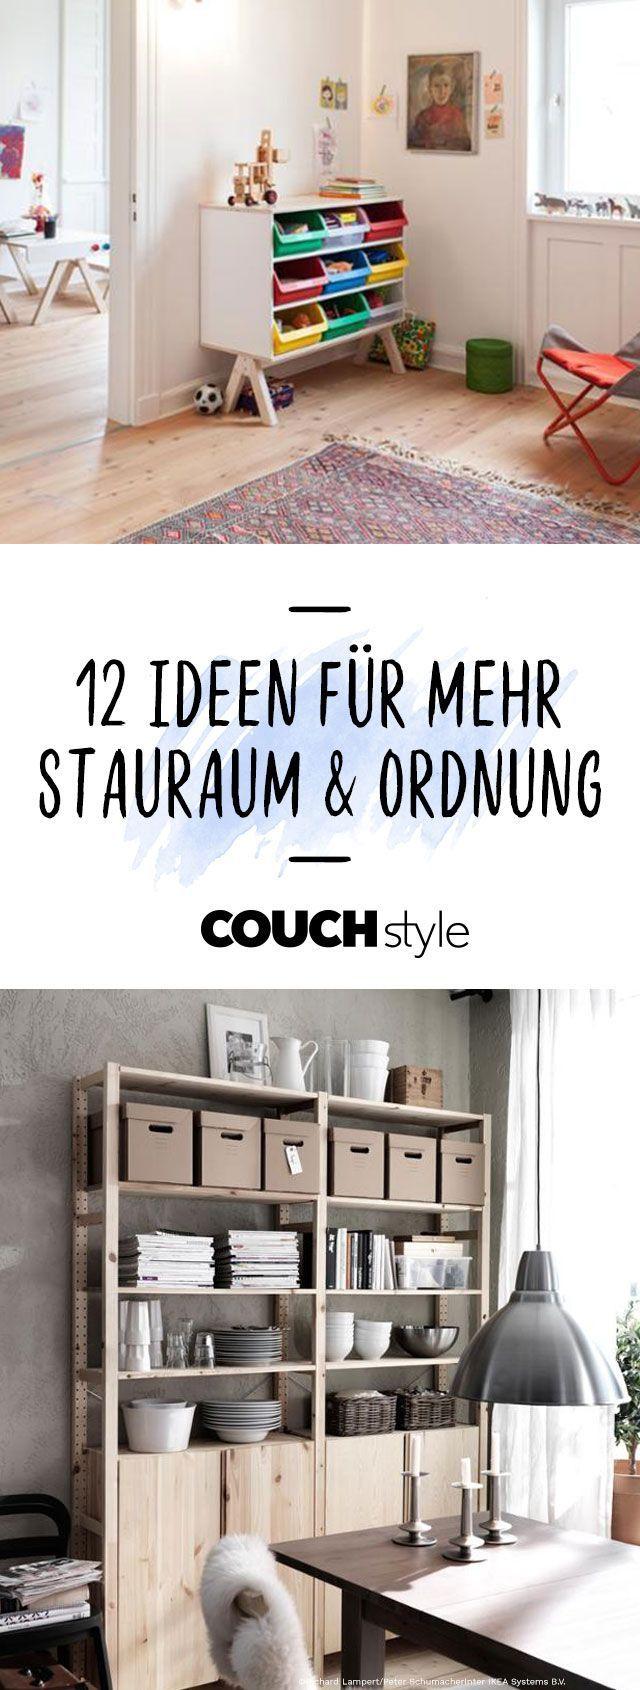 151 besten Platzsparende Möbel Bilder auf Pinterest | Einrichtung ...